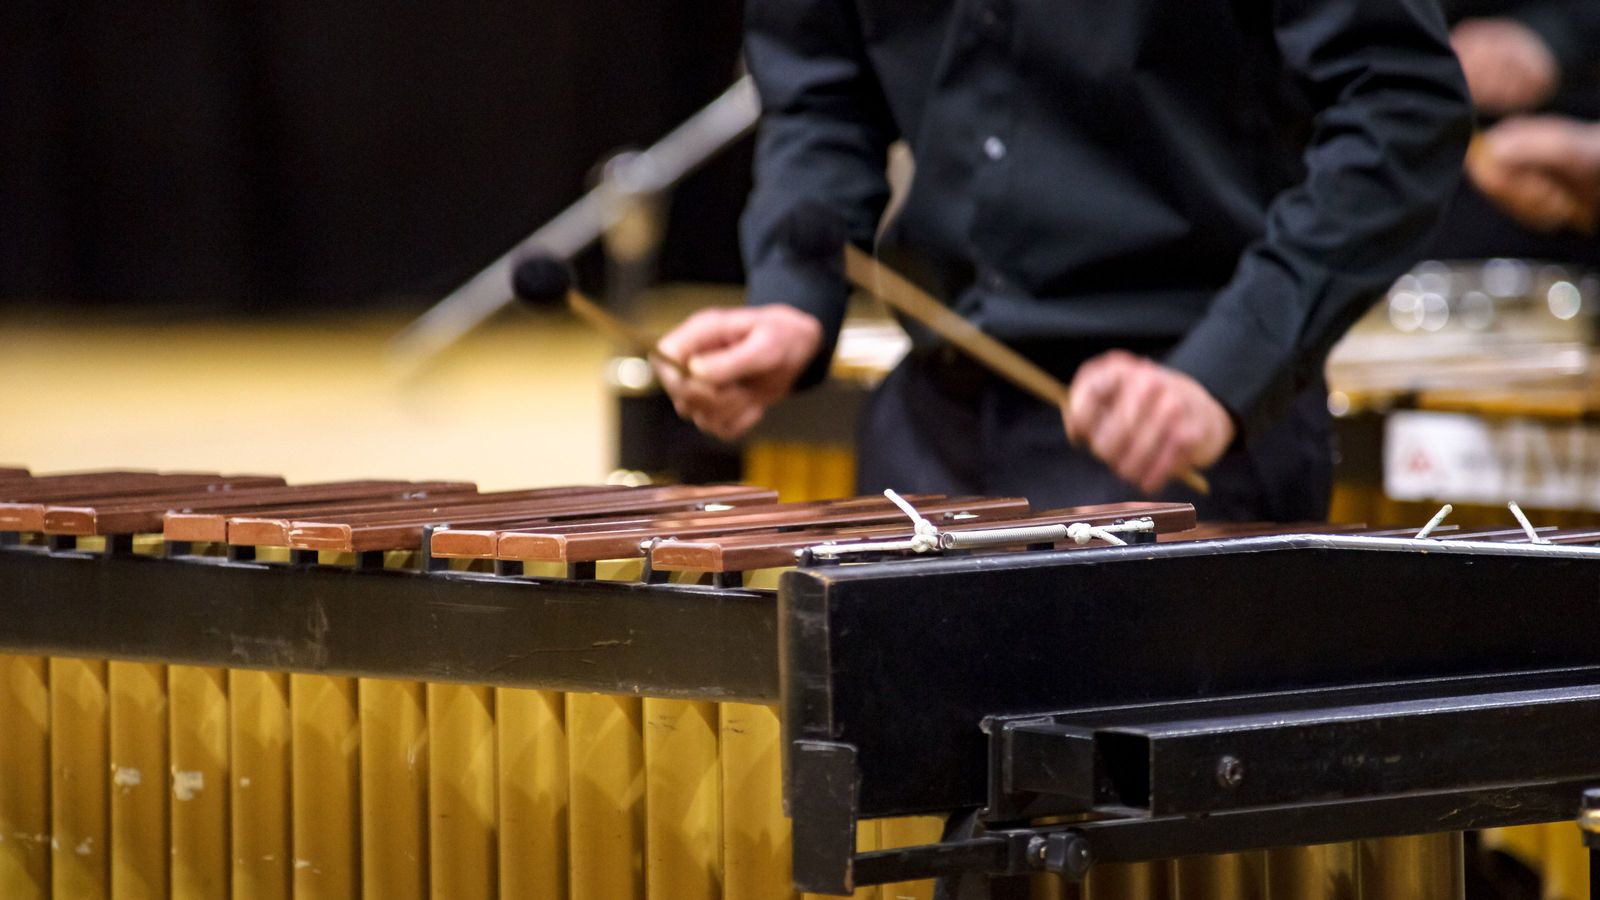 なぜ「マリンバ」のソロ演奏でも客が集まるのか 地味な打楽器を「花形」に変える秘策